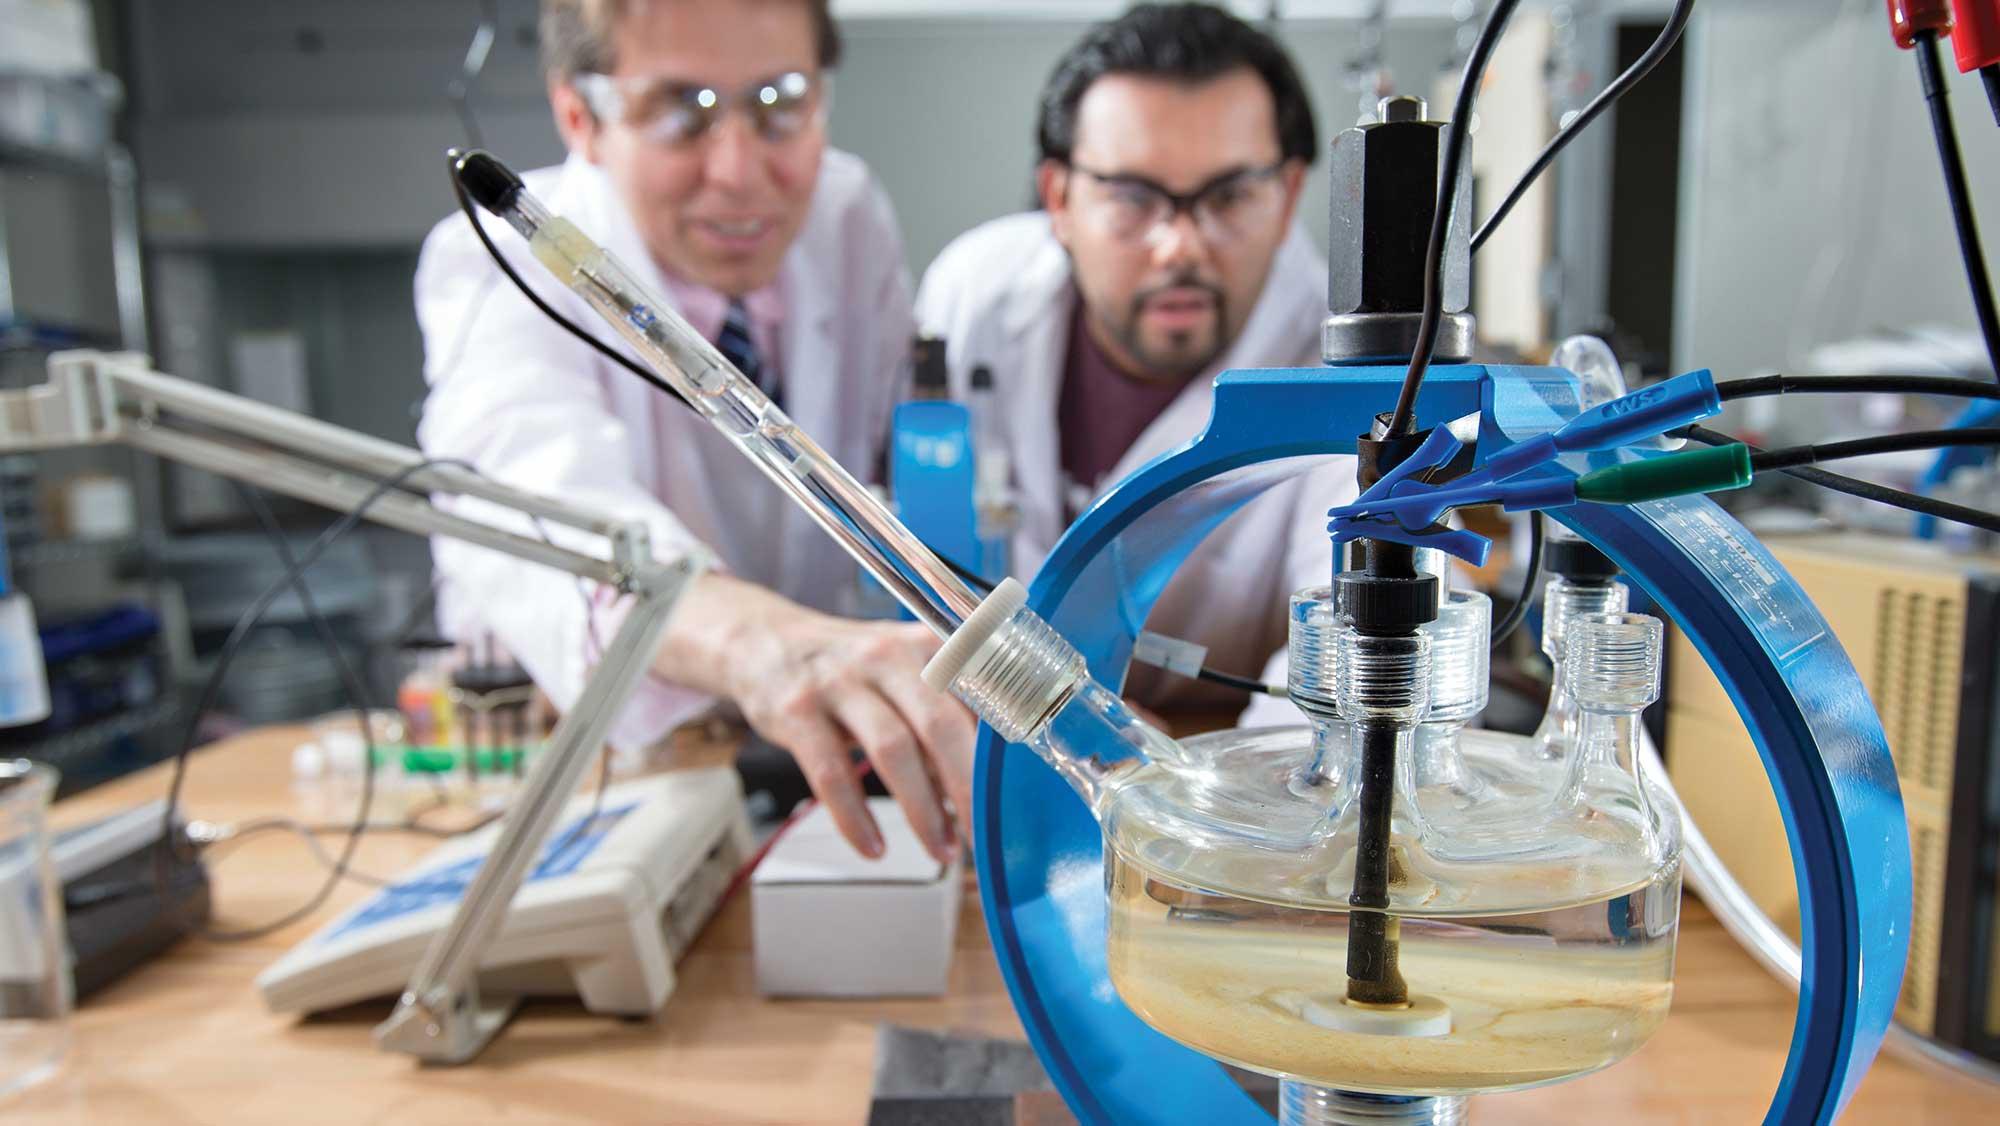 Nhà khoa học có thể chủ động định hình công việc của mình xoay quanh quy trình chính sách | Nguồn: TAMU